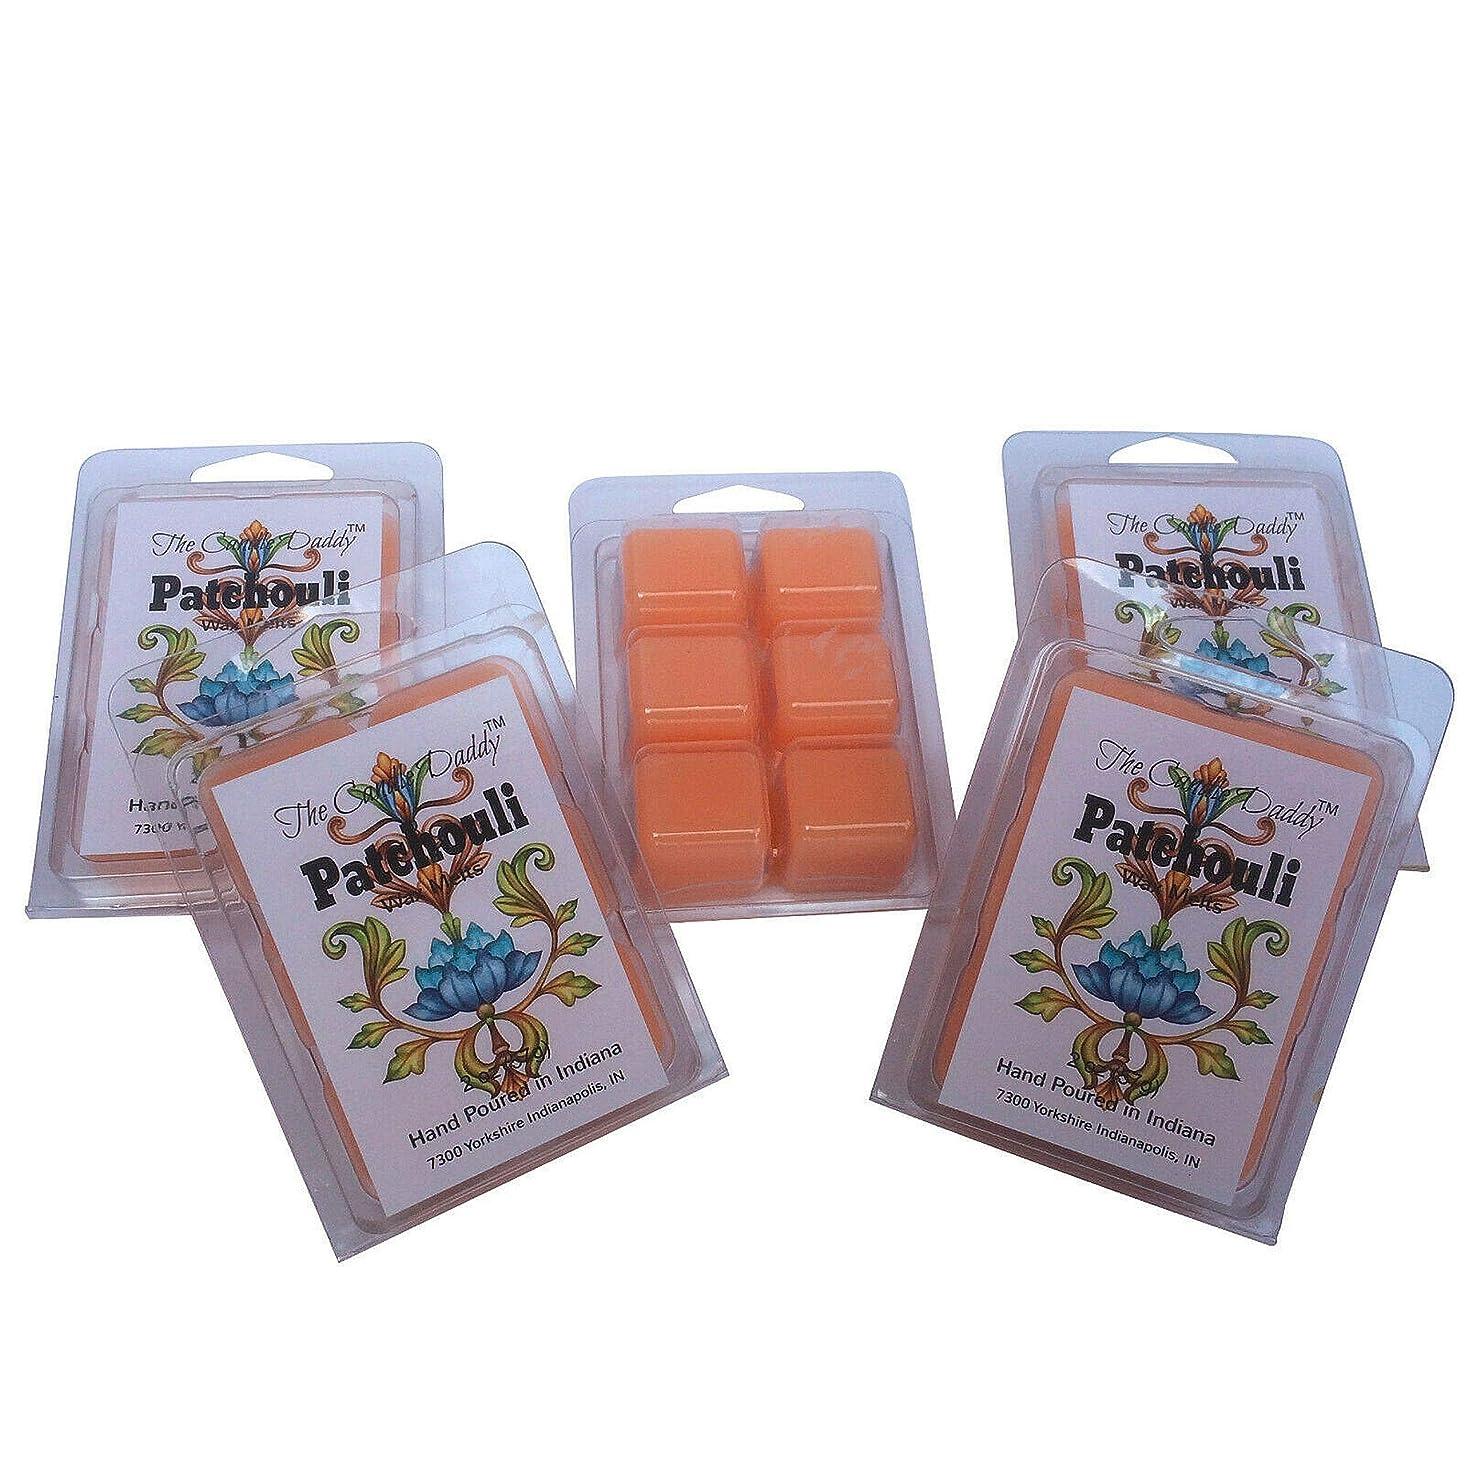 過敏な独占保護The Candle Daddy Patchouli - 最大香りのワックスキューブ/タルト/メルト- 5パック-10オンス 合計30個